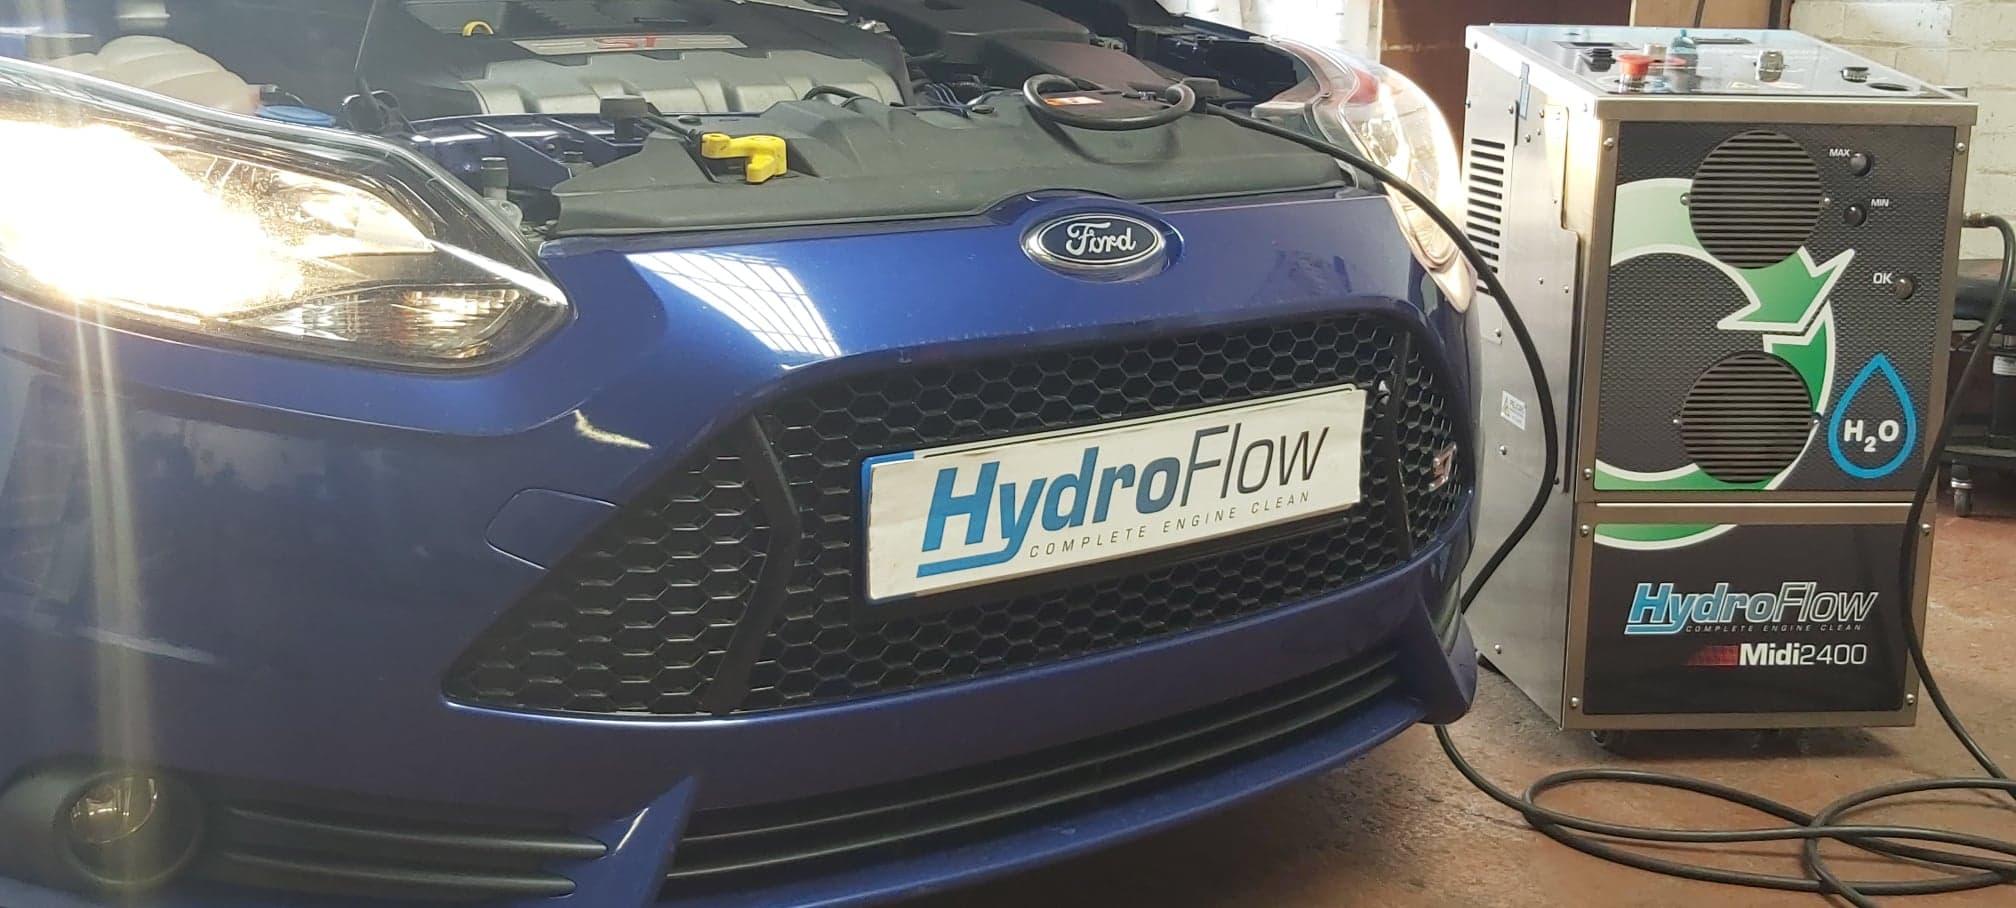 hydroflow-banner.jpg